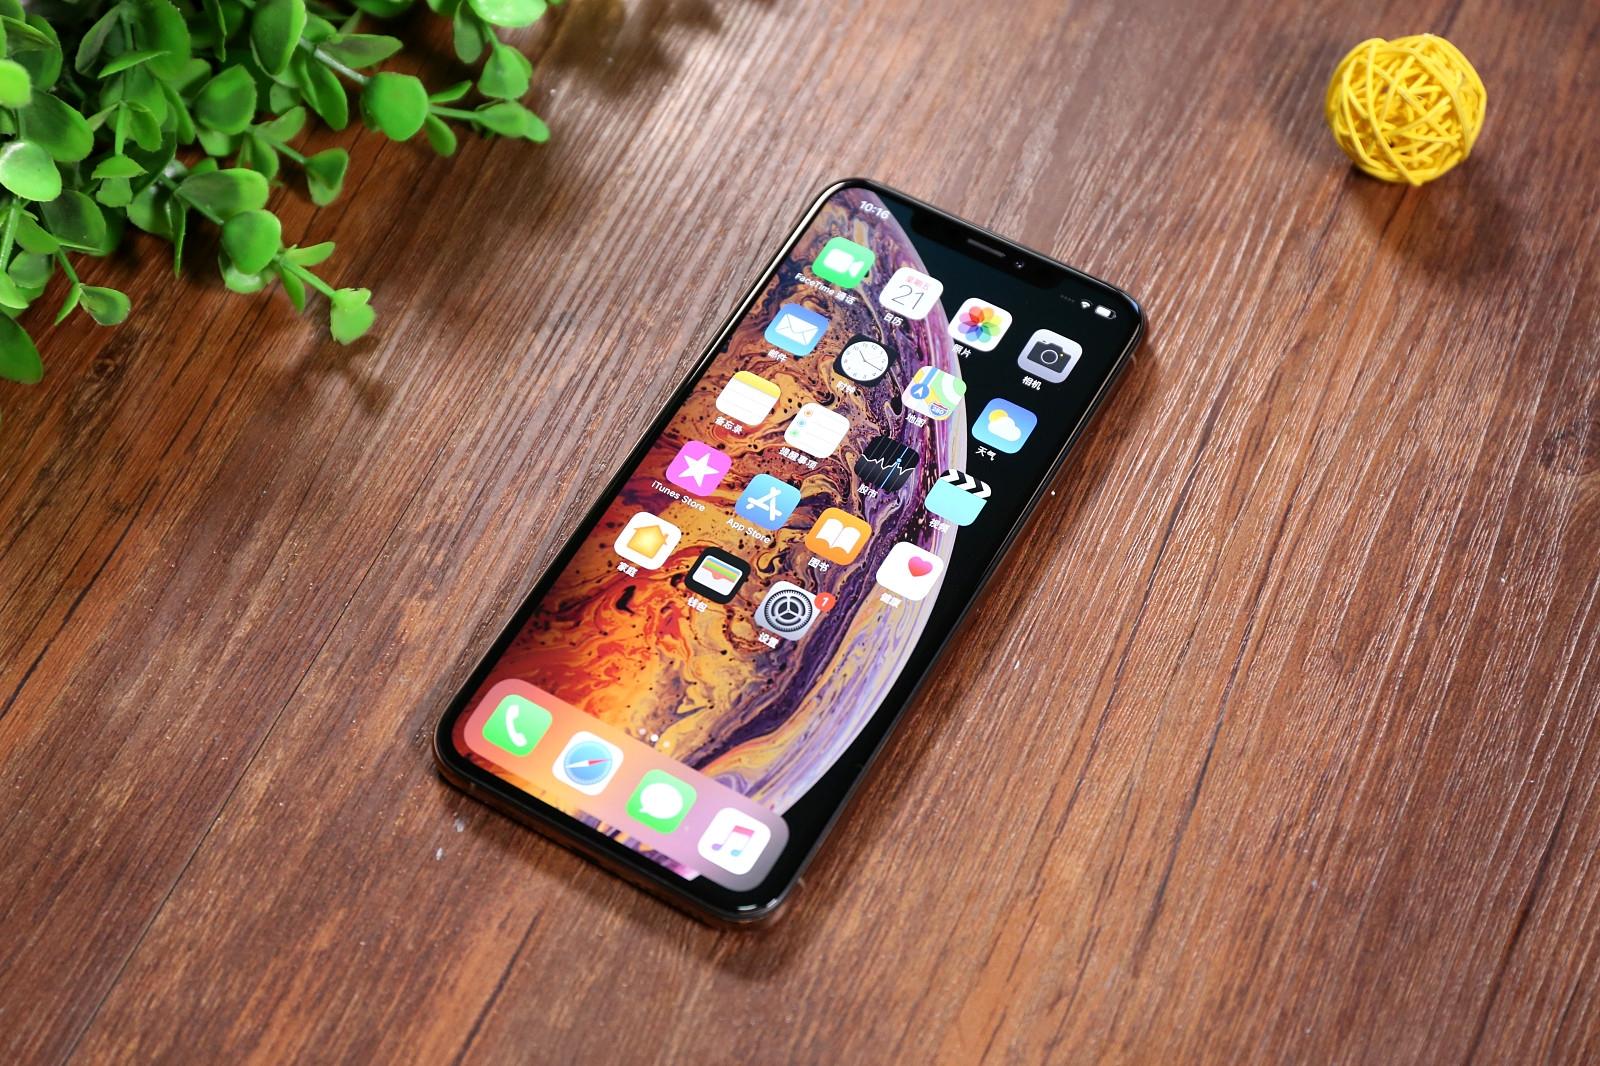 资讯中心手机手机苹果手机当然,ios12的普及之快既与v手机特性华为平板一下就黑屏图片